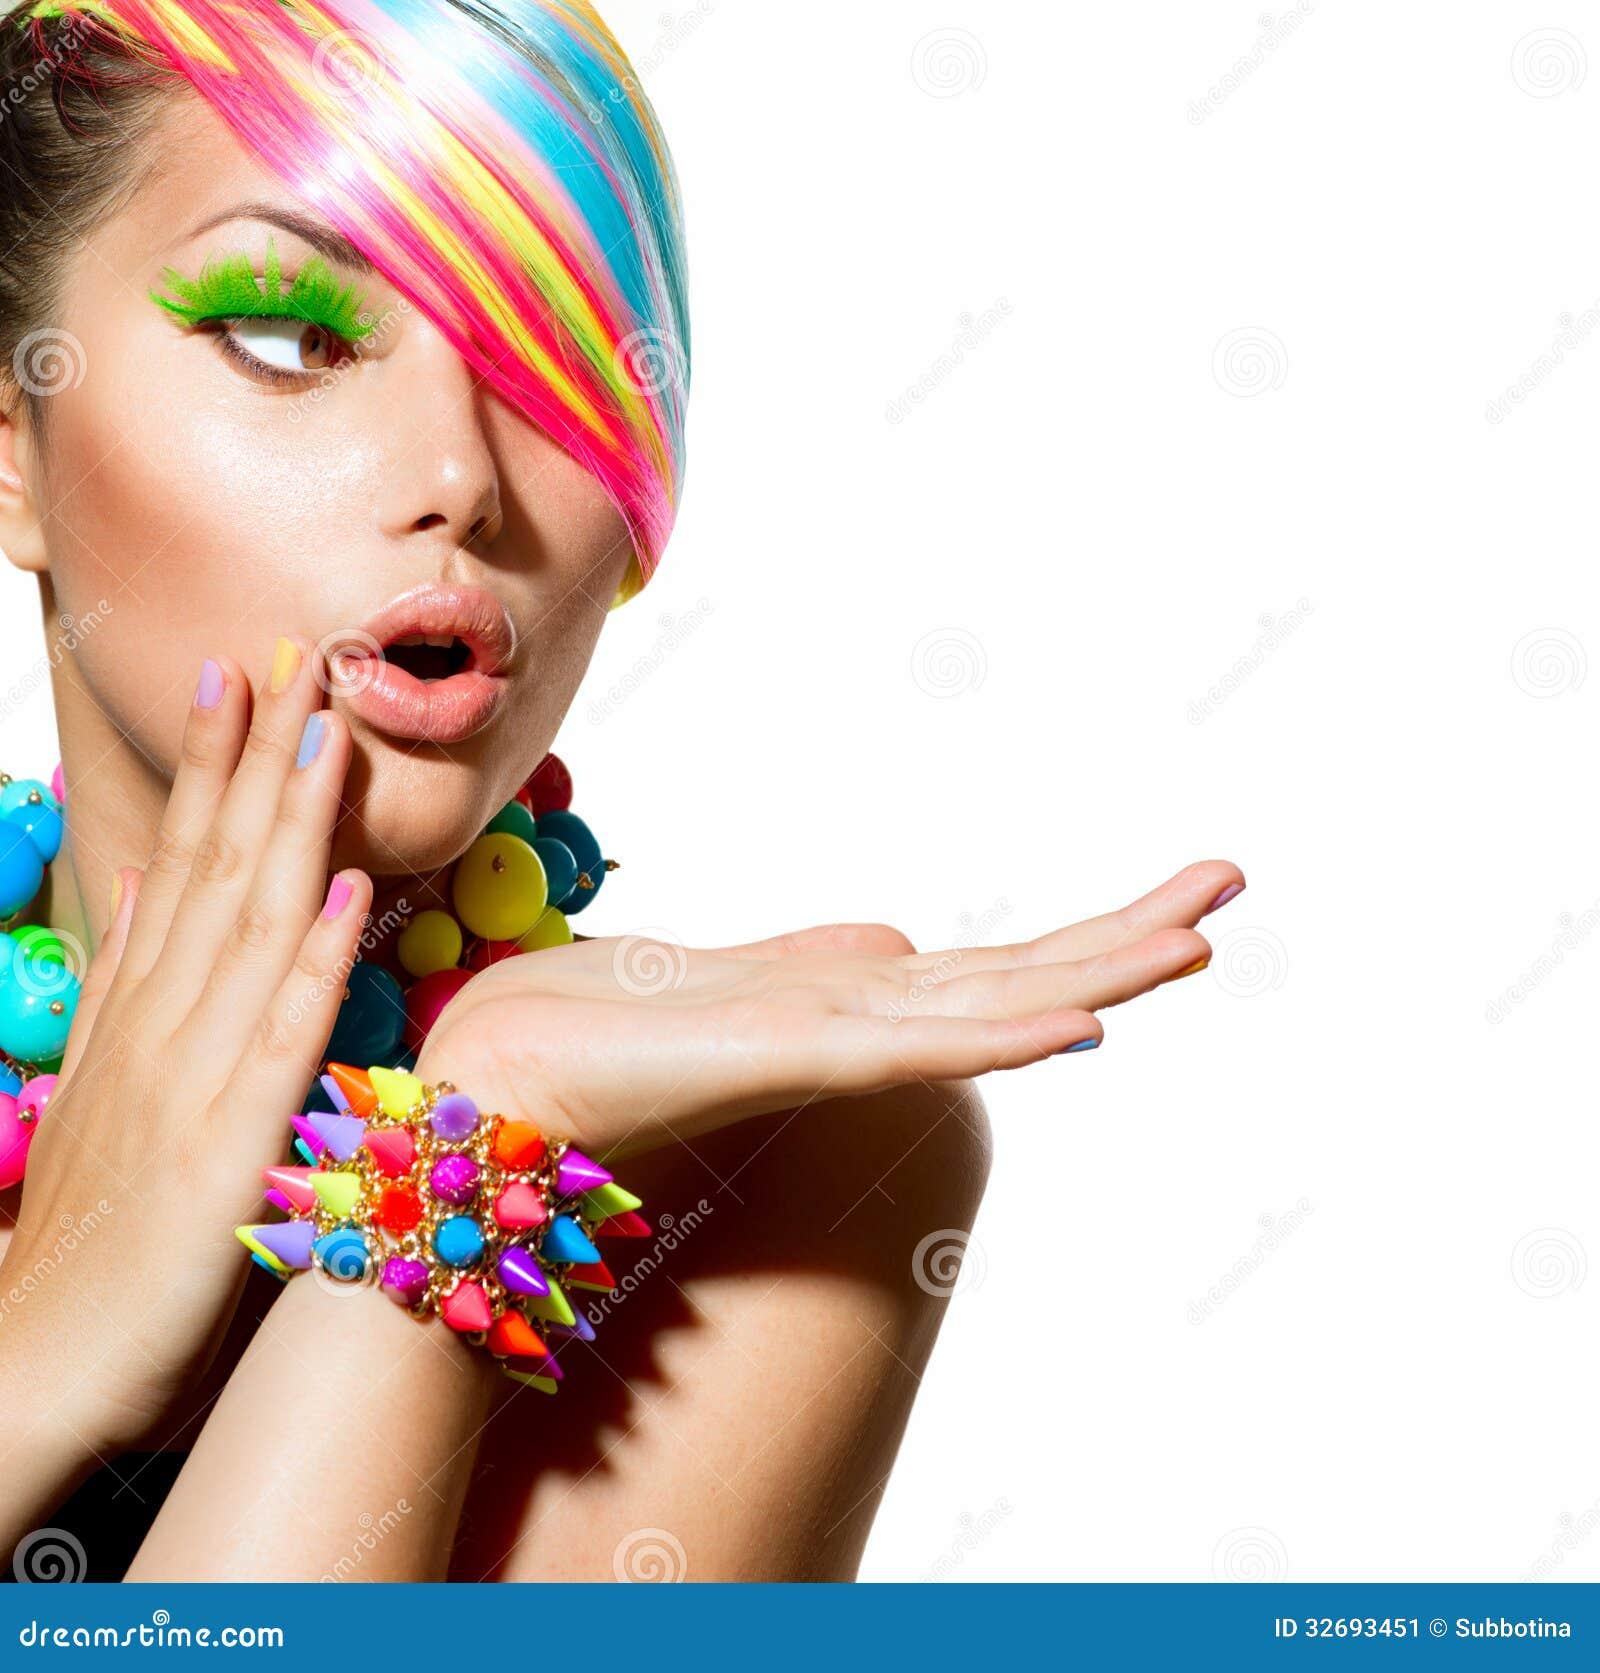 Kleurrijke Make-up, Haar en Toebehoren